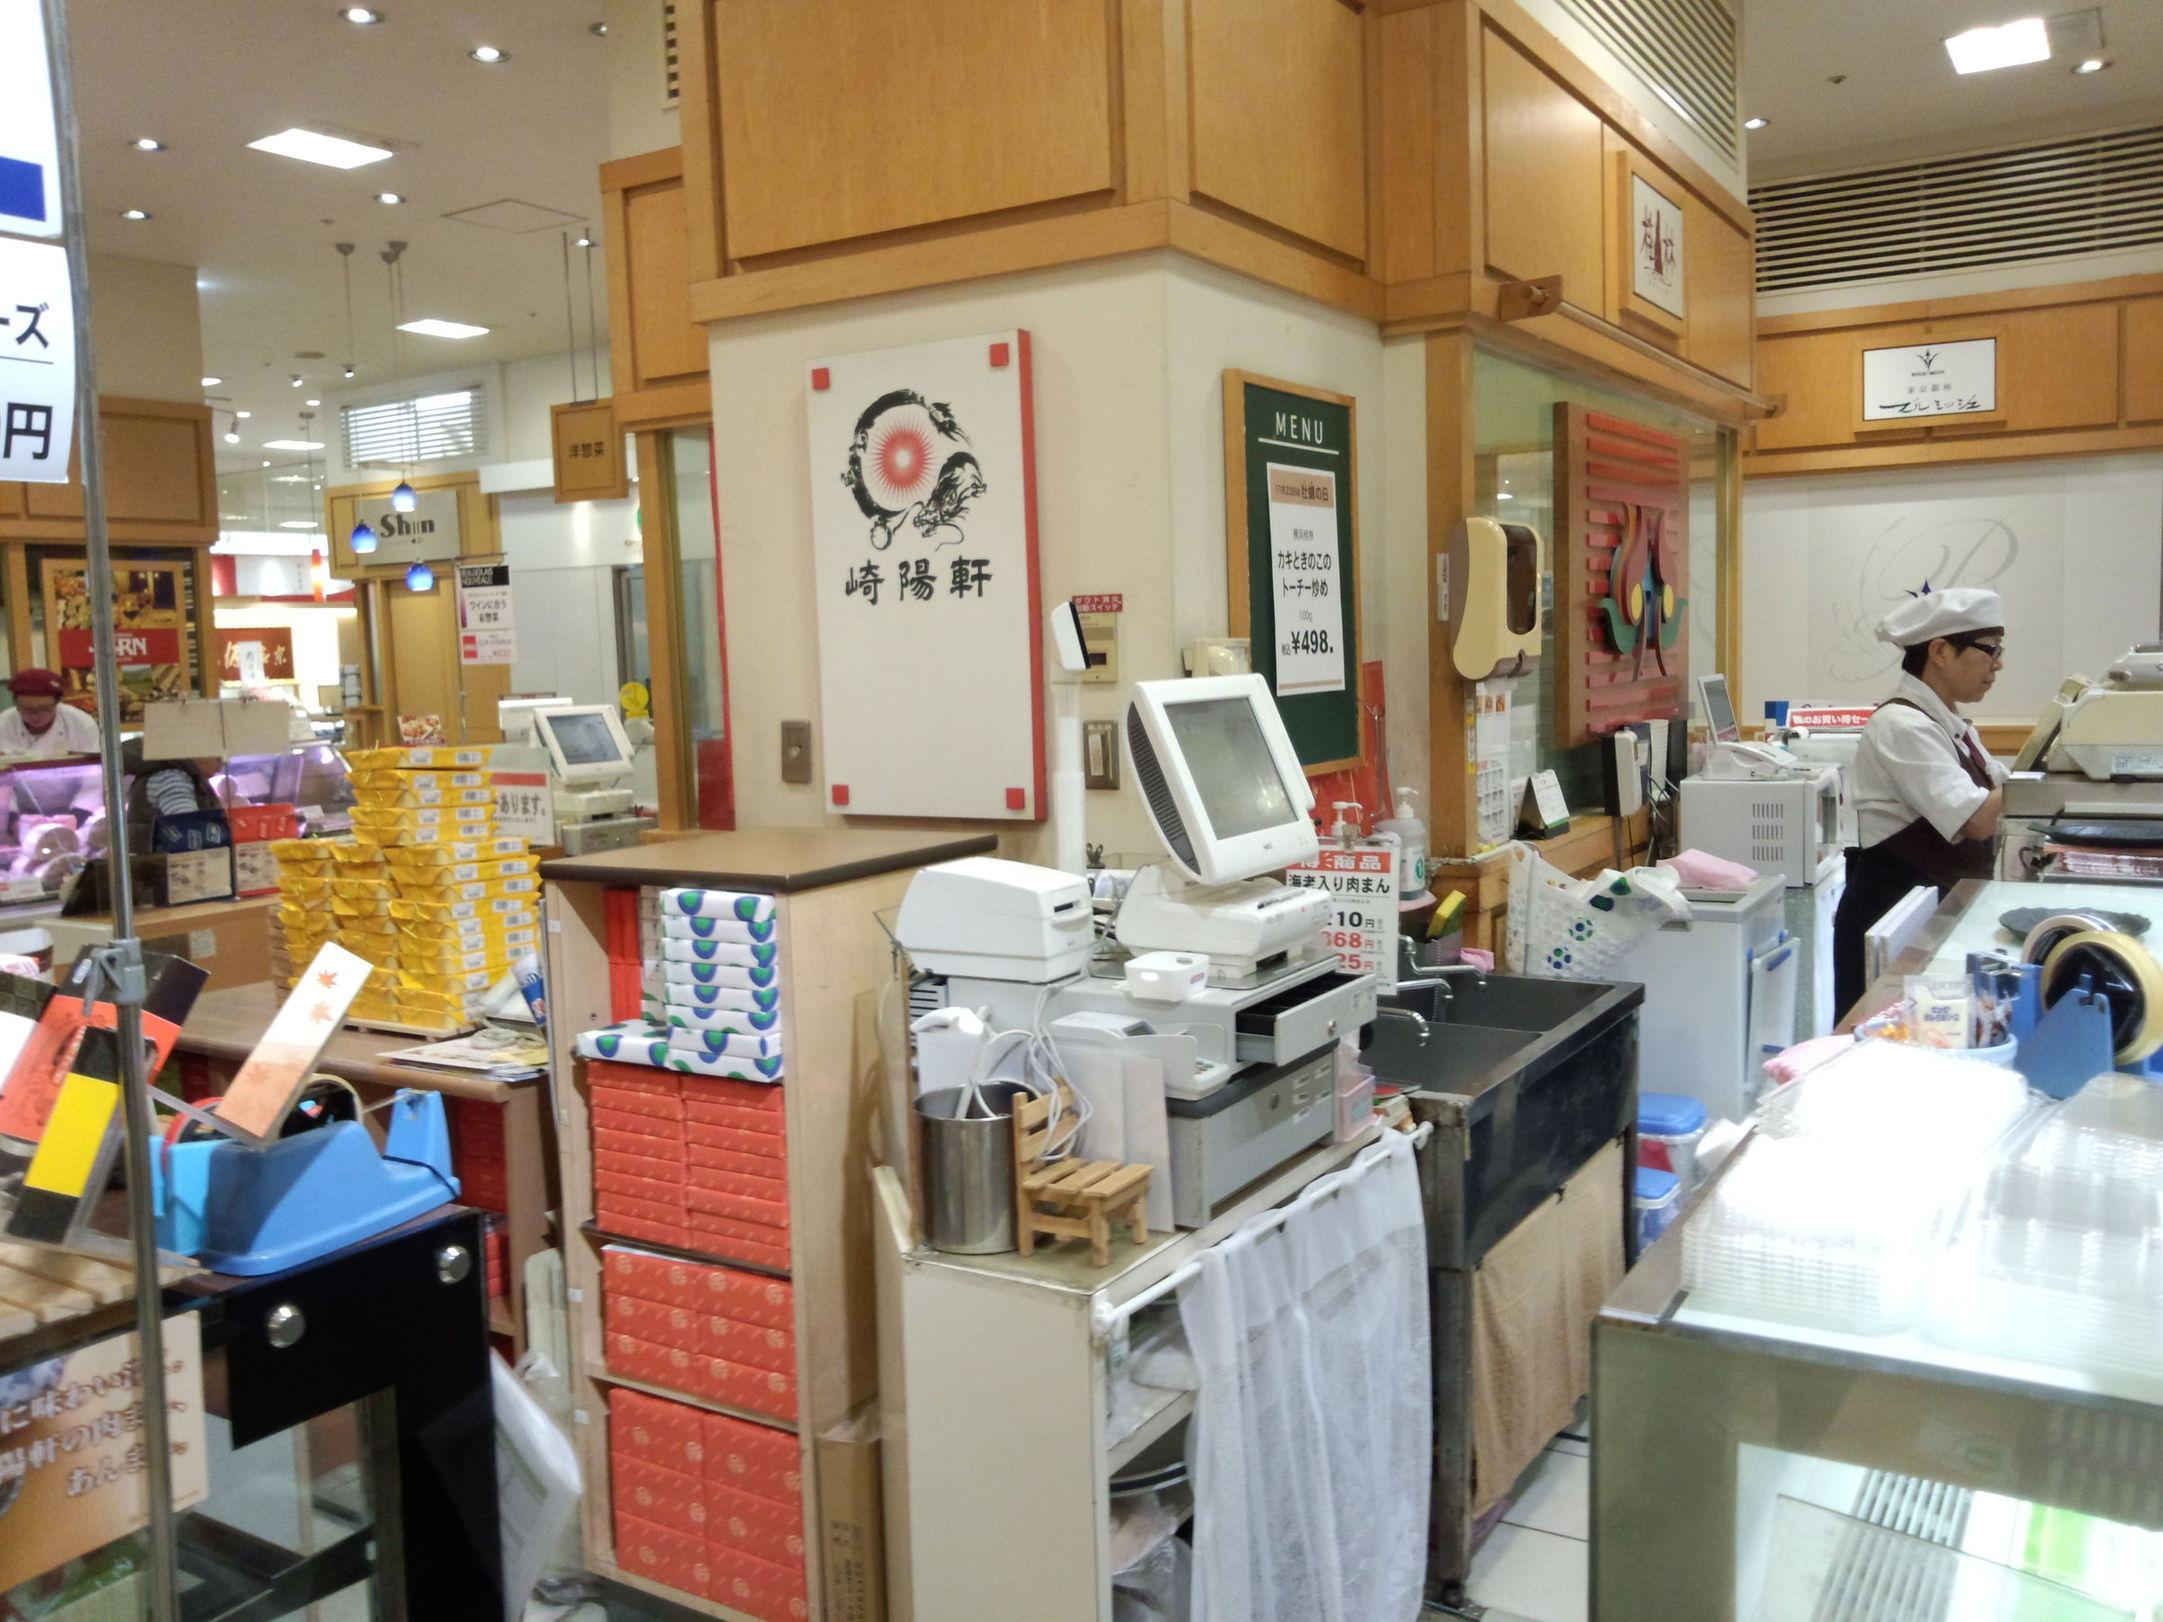 崎陽軒 西武百貨店東戸塚店